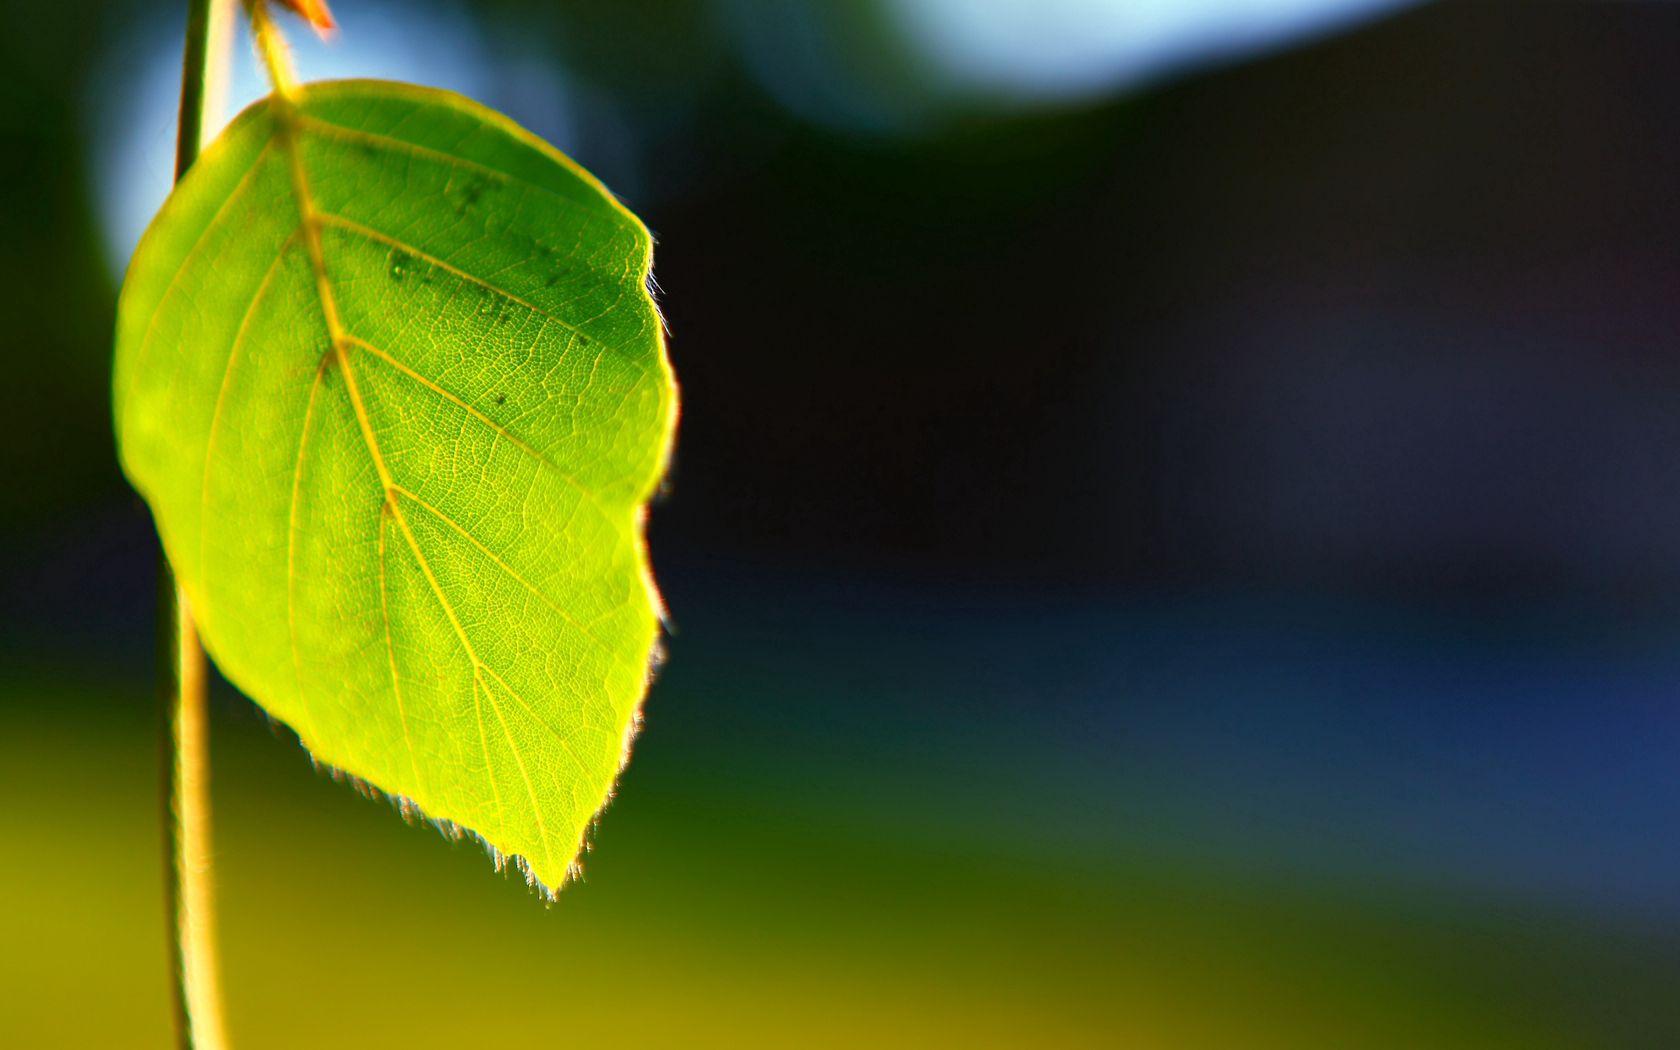 110741 скачать обои Макро, Лист, Растение, Форма, Свет, Фон - заставки и картинки бесплатно